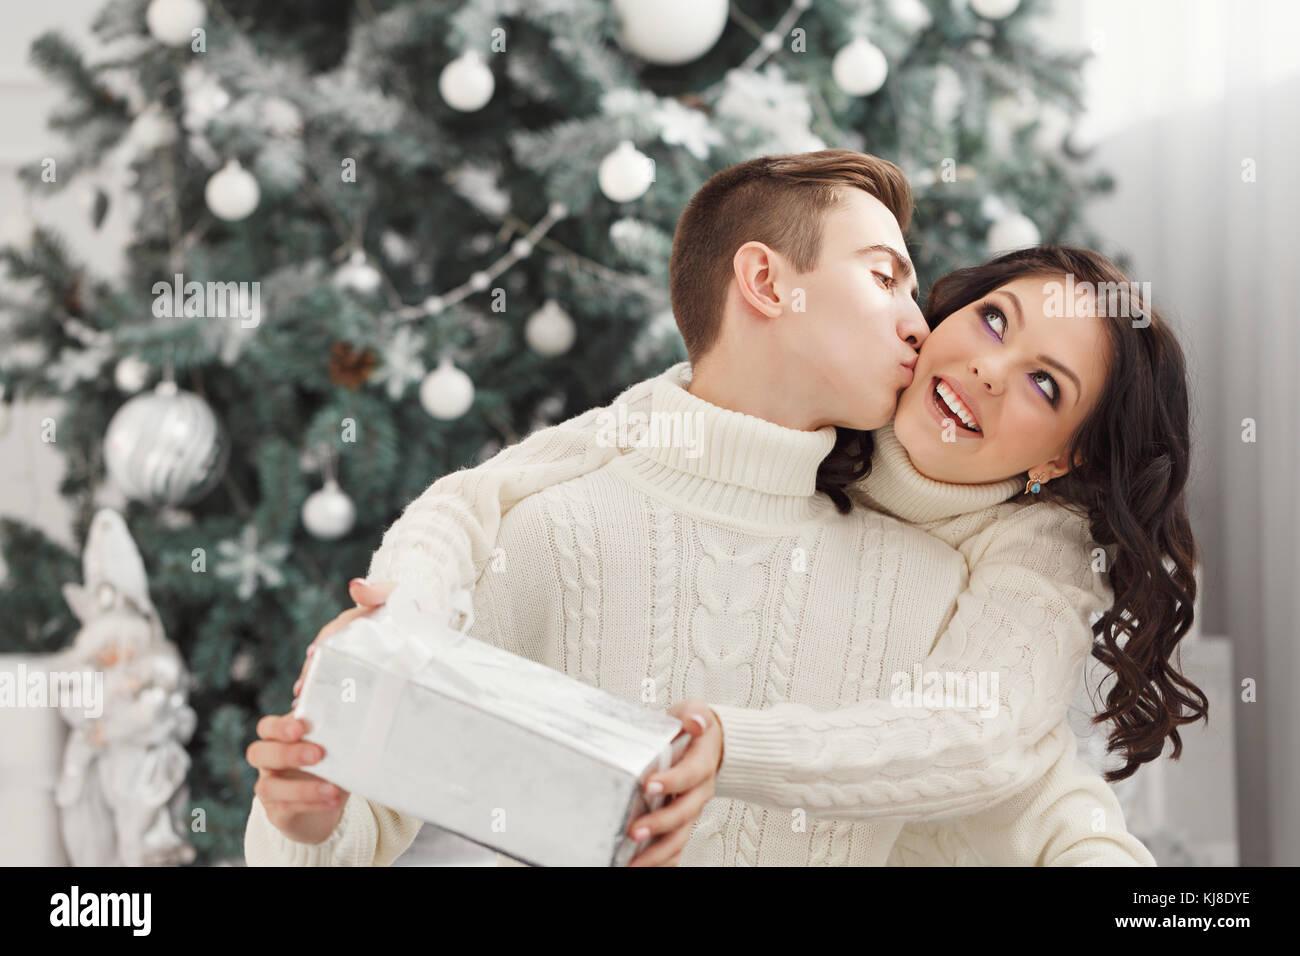 Paar Teenager zu Weihnachten. Sie umarmt ihren Freund und hält ein ...